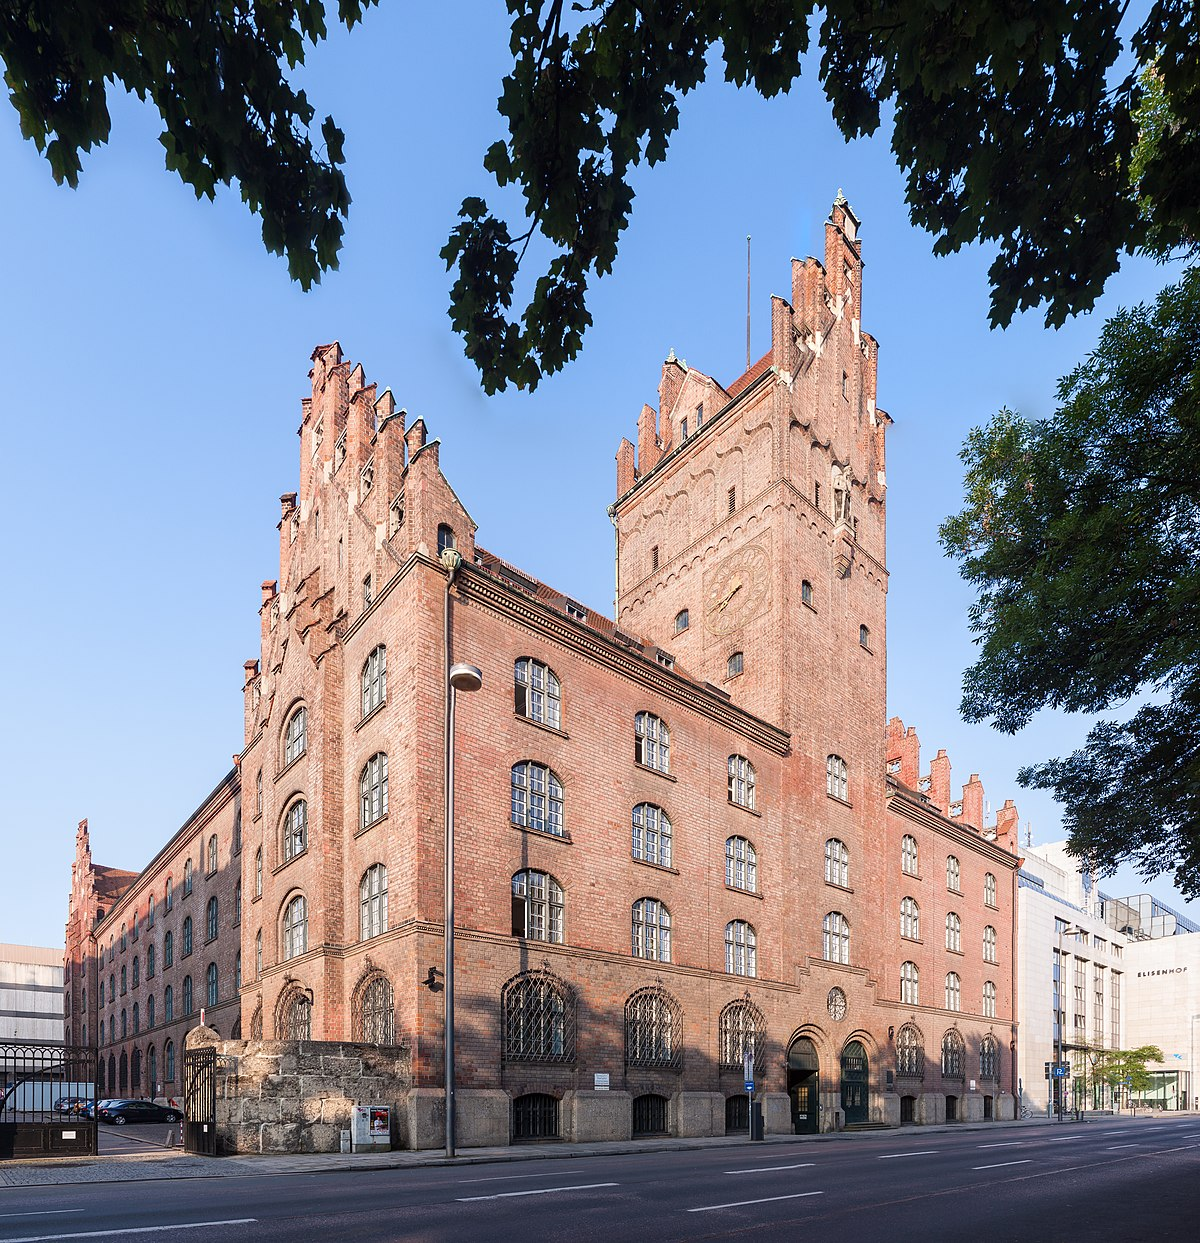 Bildergebnis für Wikimedia Commons Bilder München Oberlandesgericht